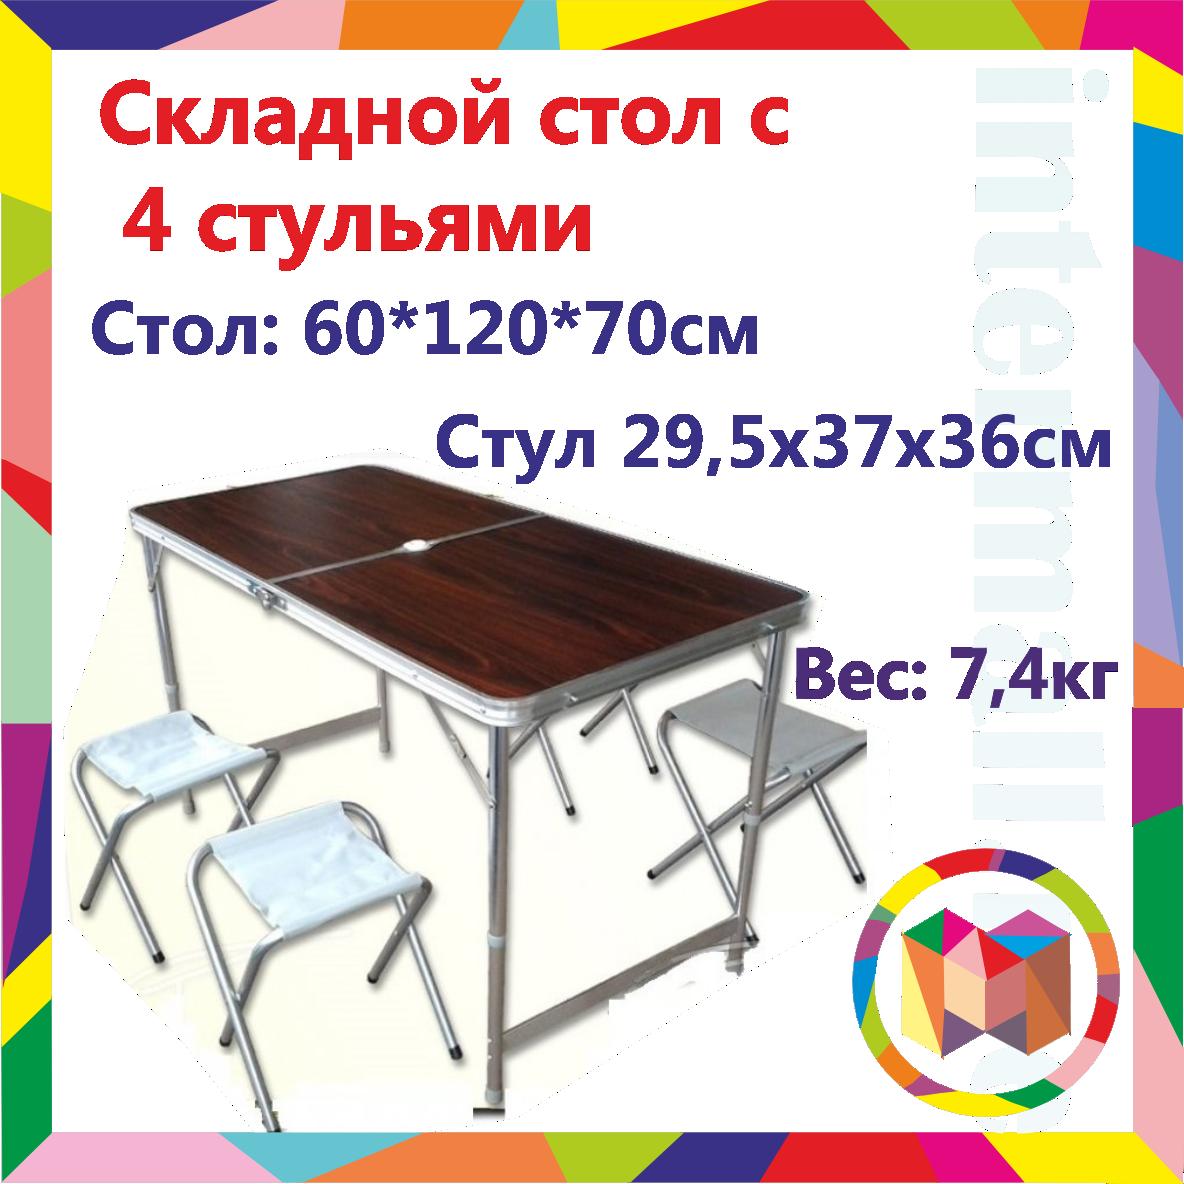 Складной стол для пикника с 4 четырьмя стульями, с металлическим каркасом, 90х60х70 см